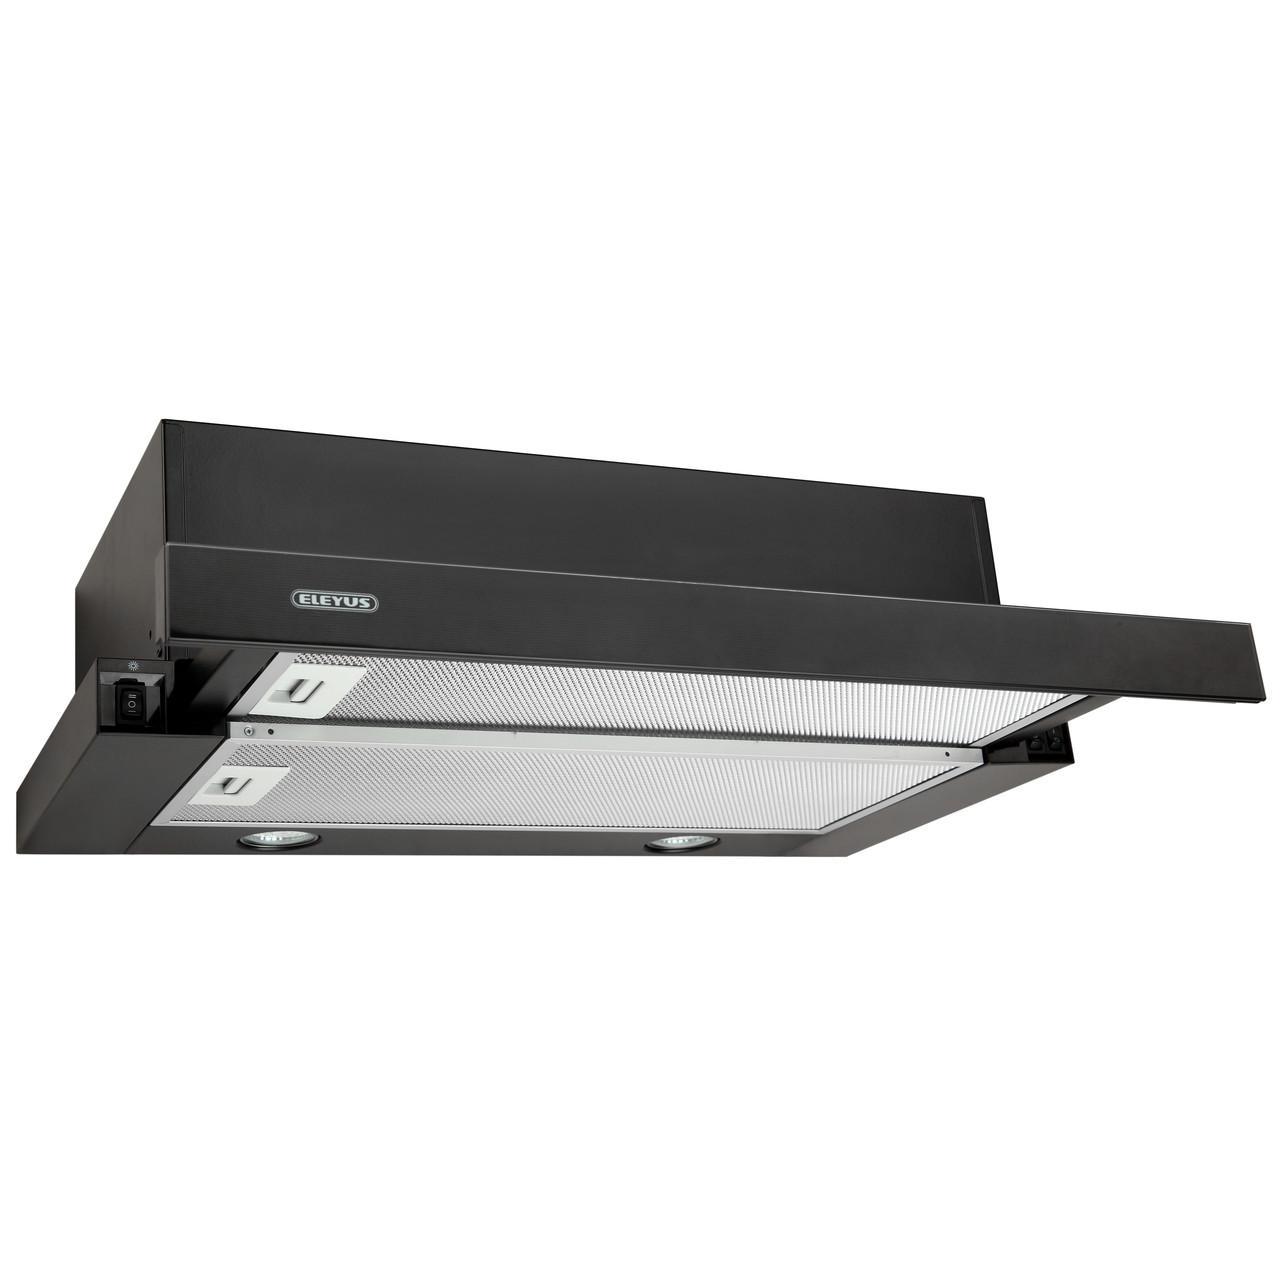 Витяжка кухонна телескопічна ELEYUS Storm G 700 LED SMD 60 BL (чорна) (скляна панель)